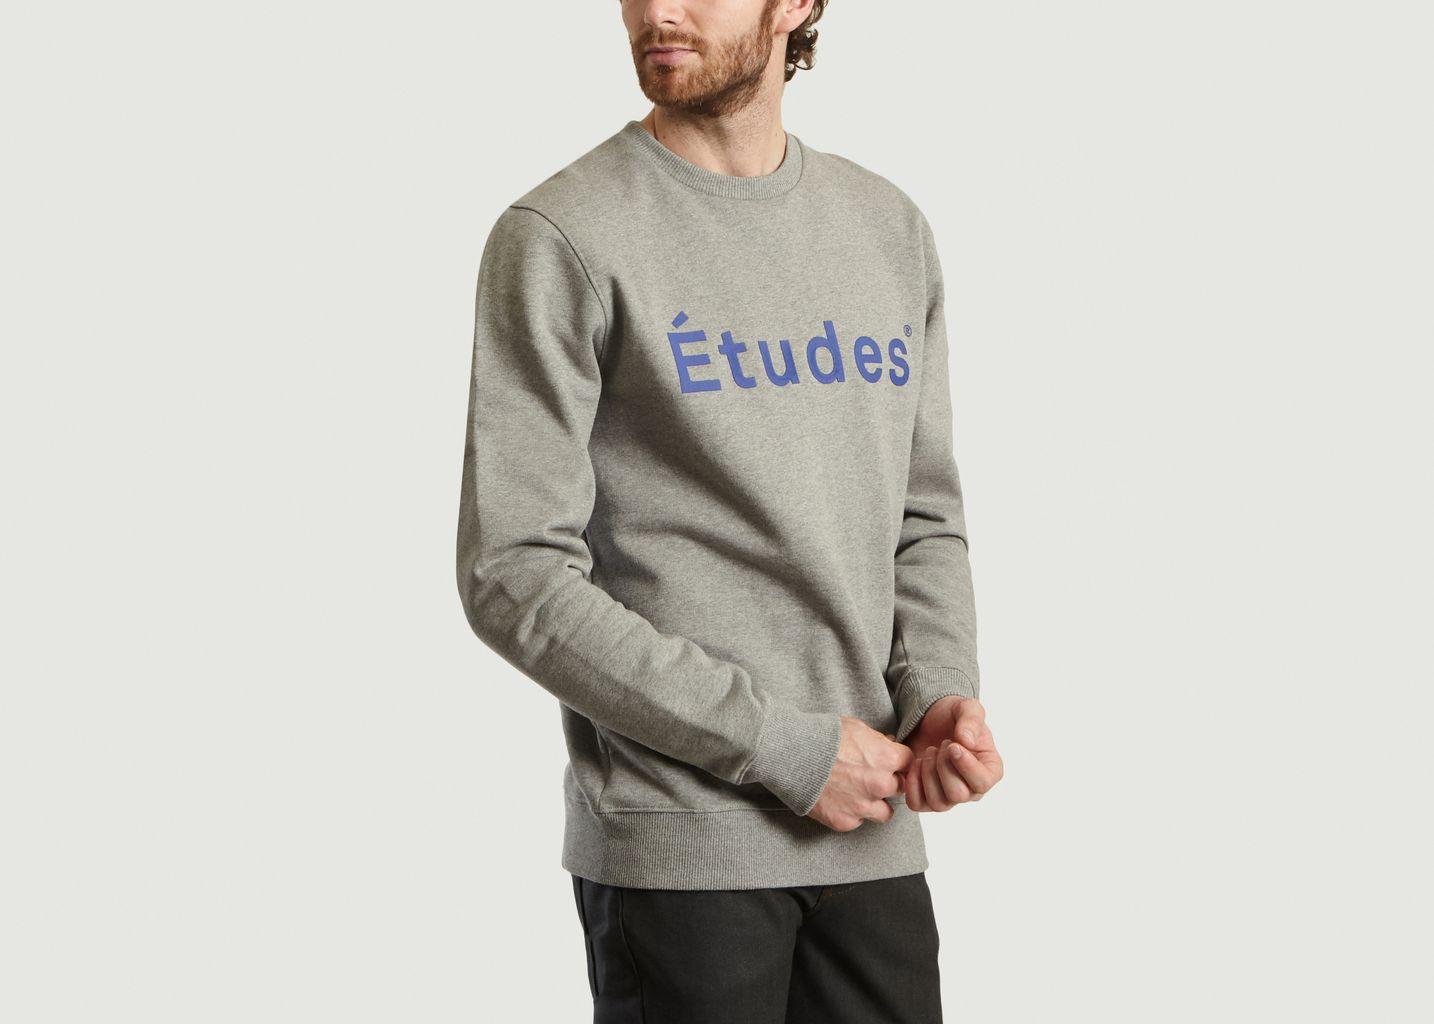 Sweat Story Etudes - Études